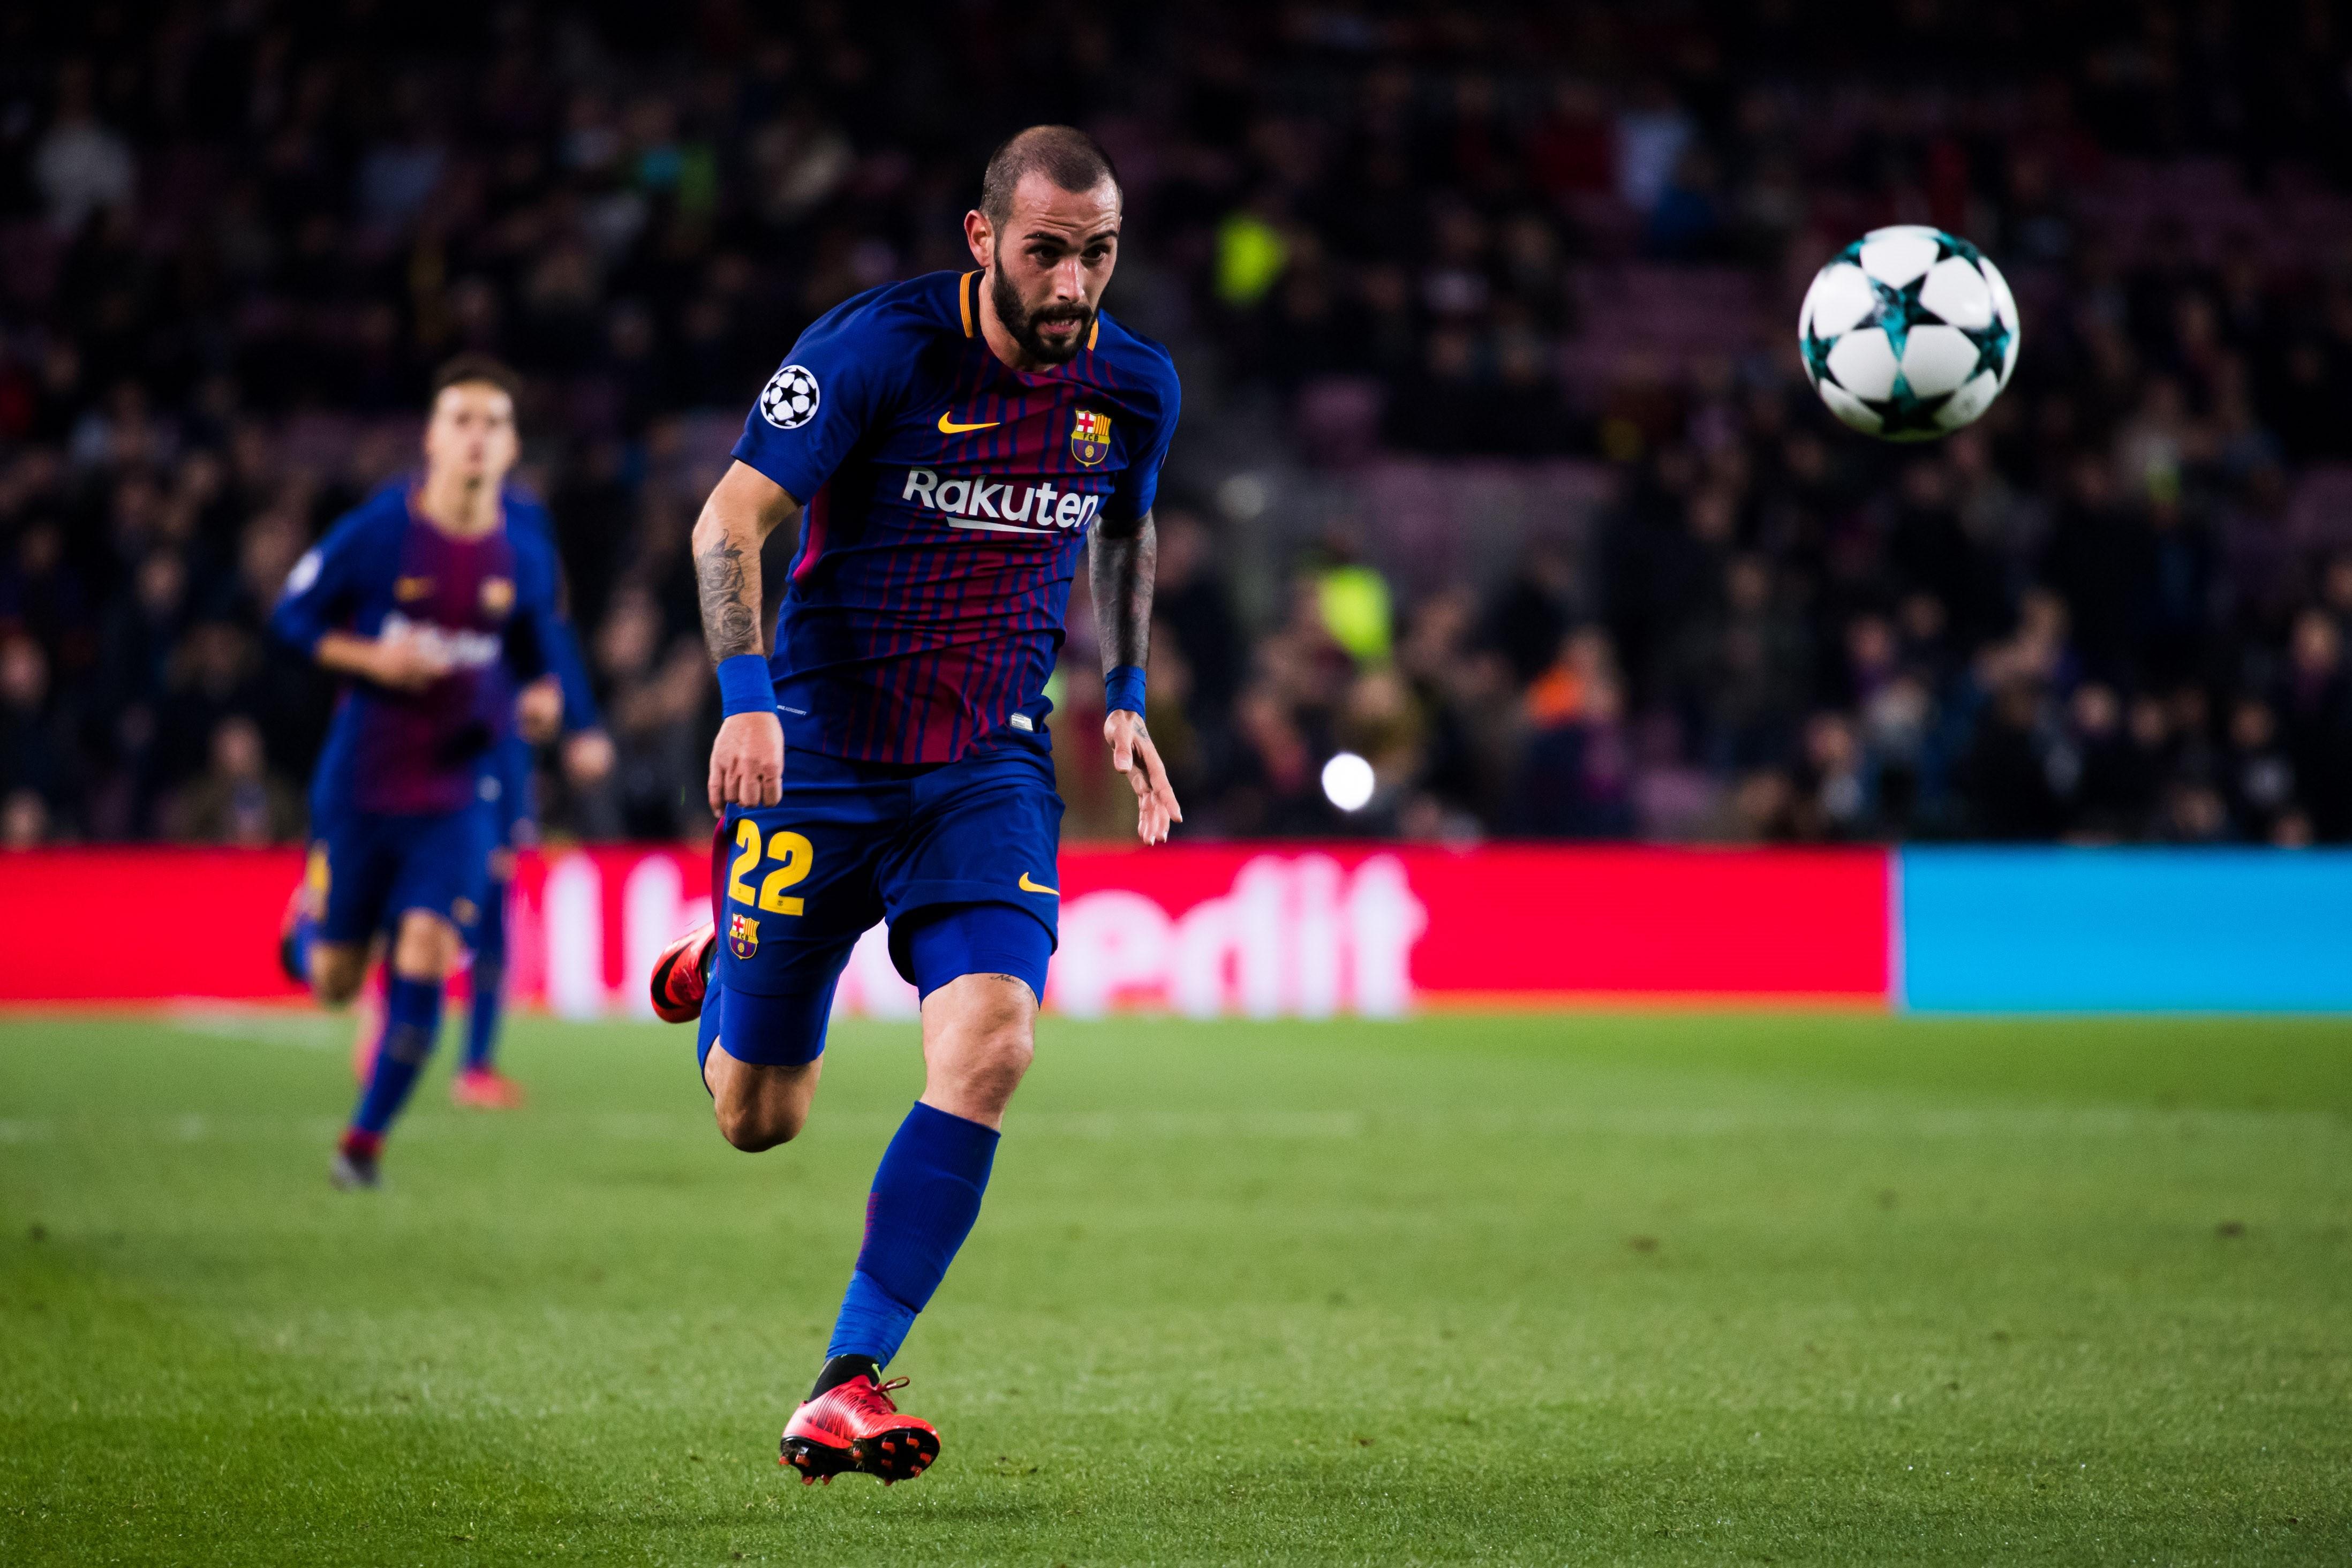 Aleix Vidal, FC Barcelona